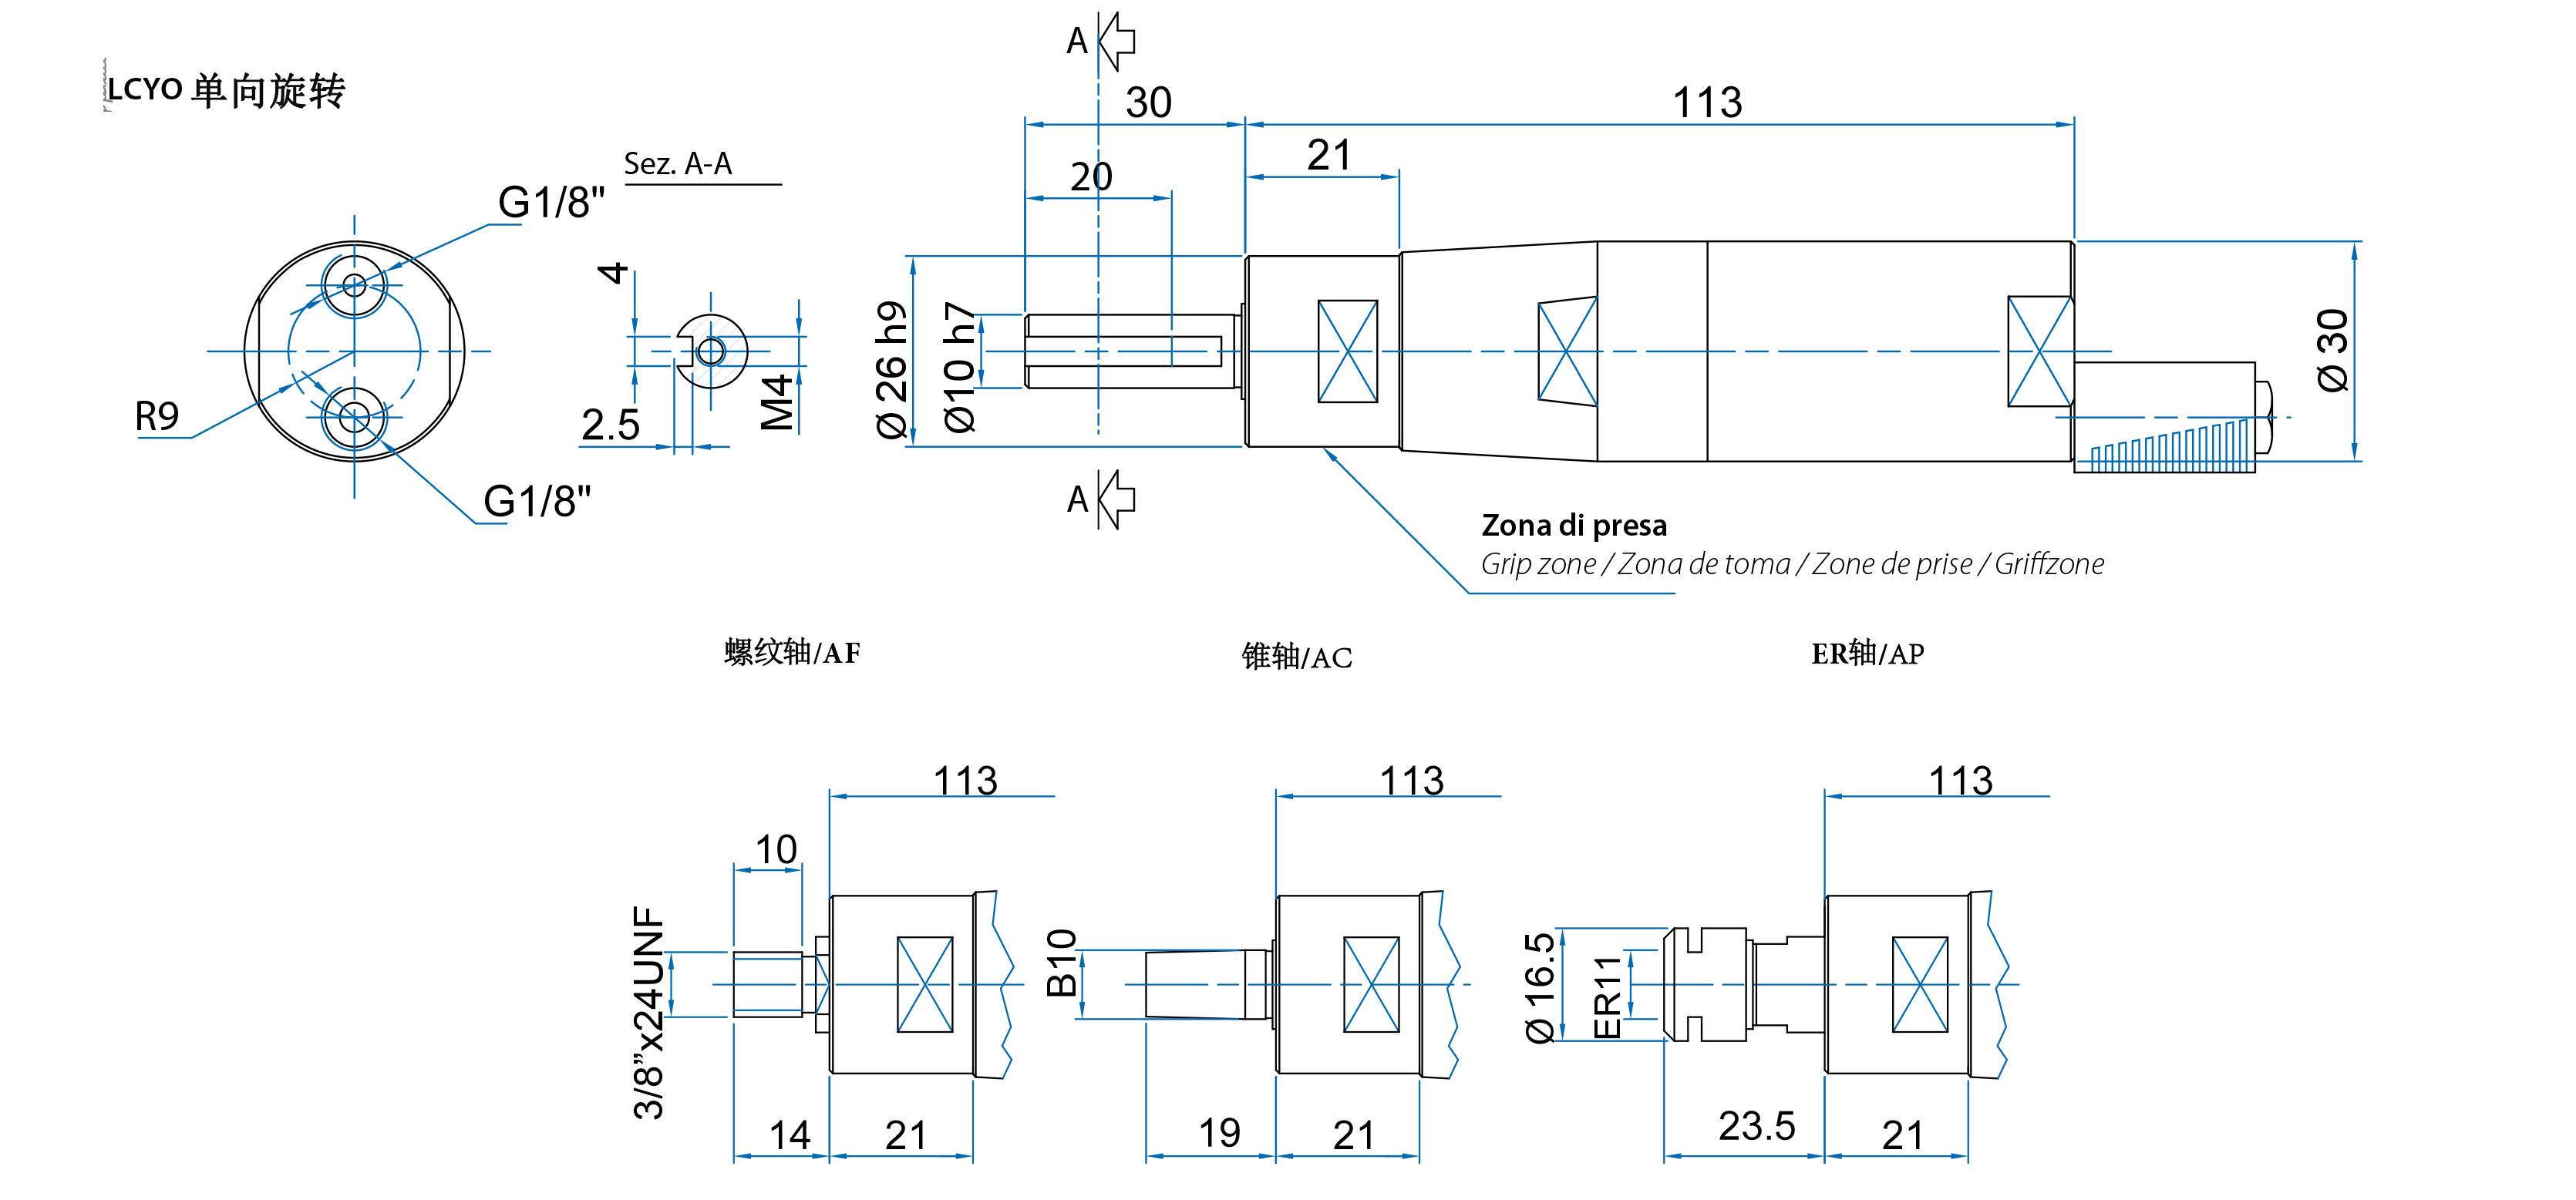 意大利OBER气动马达有较大的转速范围选择(集成多种速比减速机)、结构紧凑、耐用可靠、防爆设计-通过ATEX欧洲防爆认证,特别适用于:作为各种气动旋转动力供应、自动化动作控制、加工、装配类机器。 *气动马达体积小,功率大: 功率/重量或功率/体积的比值相对于电动机大很多 *气动马达具有高适应性: OBER气动马达的转速可随负载改变,直至超载停机而不会对气动马达产生损伤,因此选择时可考虑采用较低的安全系数; * 气动马达可瞬间启动、瞬间停止: 由惯性/功率的比值决定的时间常数较小,故可快速、平稳地启动、停止